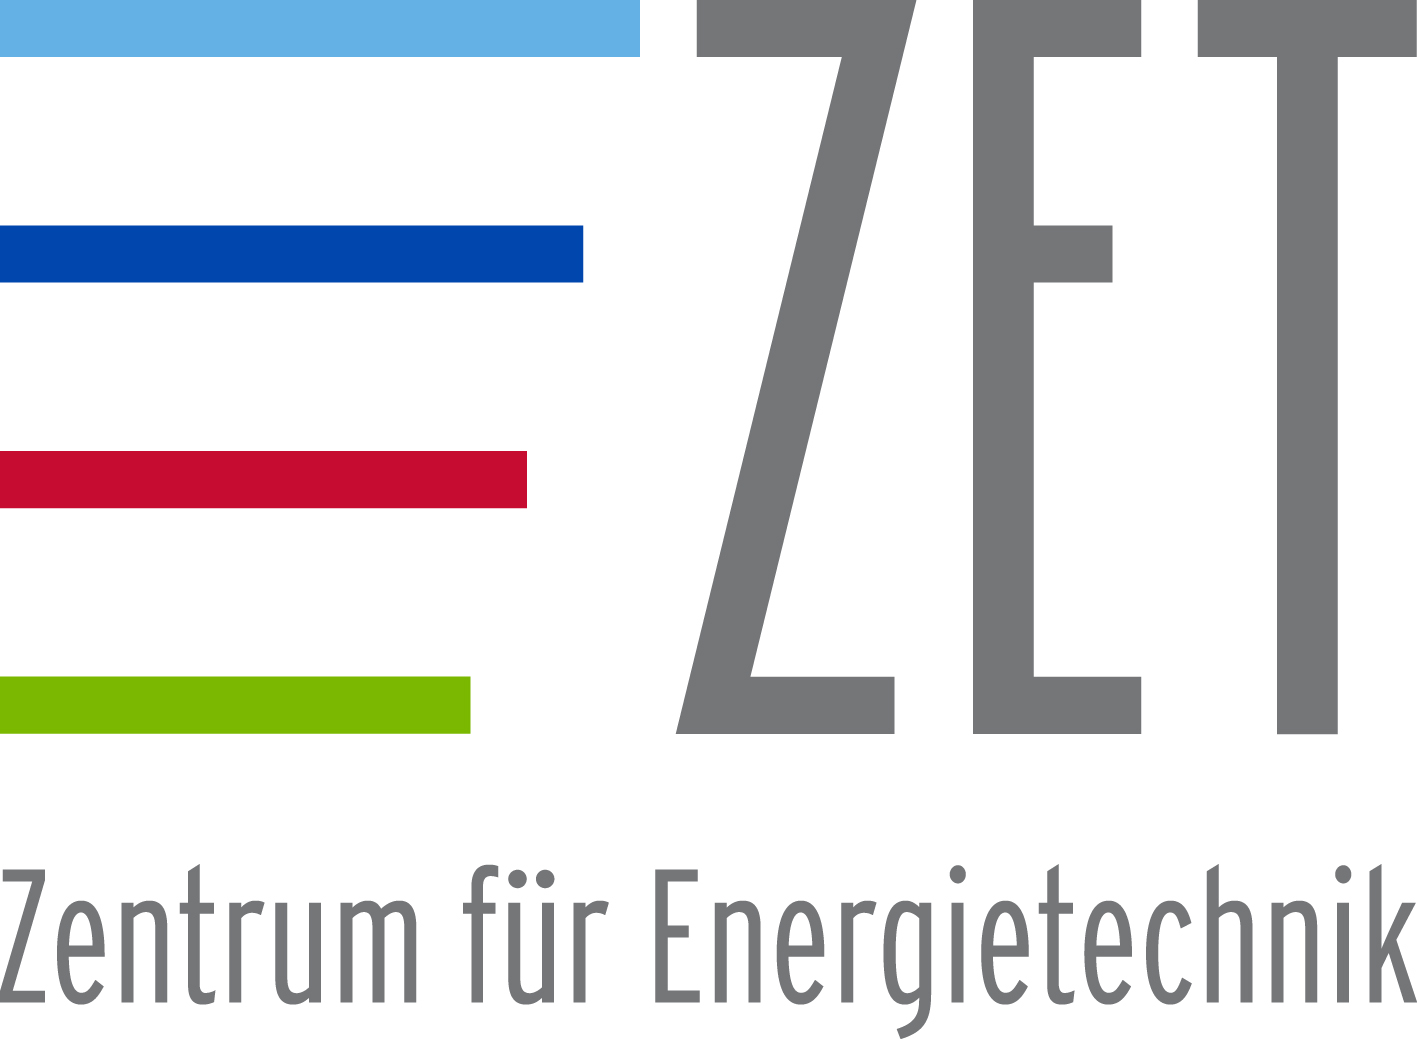 Logo Zentrum für Energietechnik